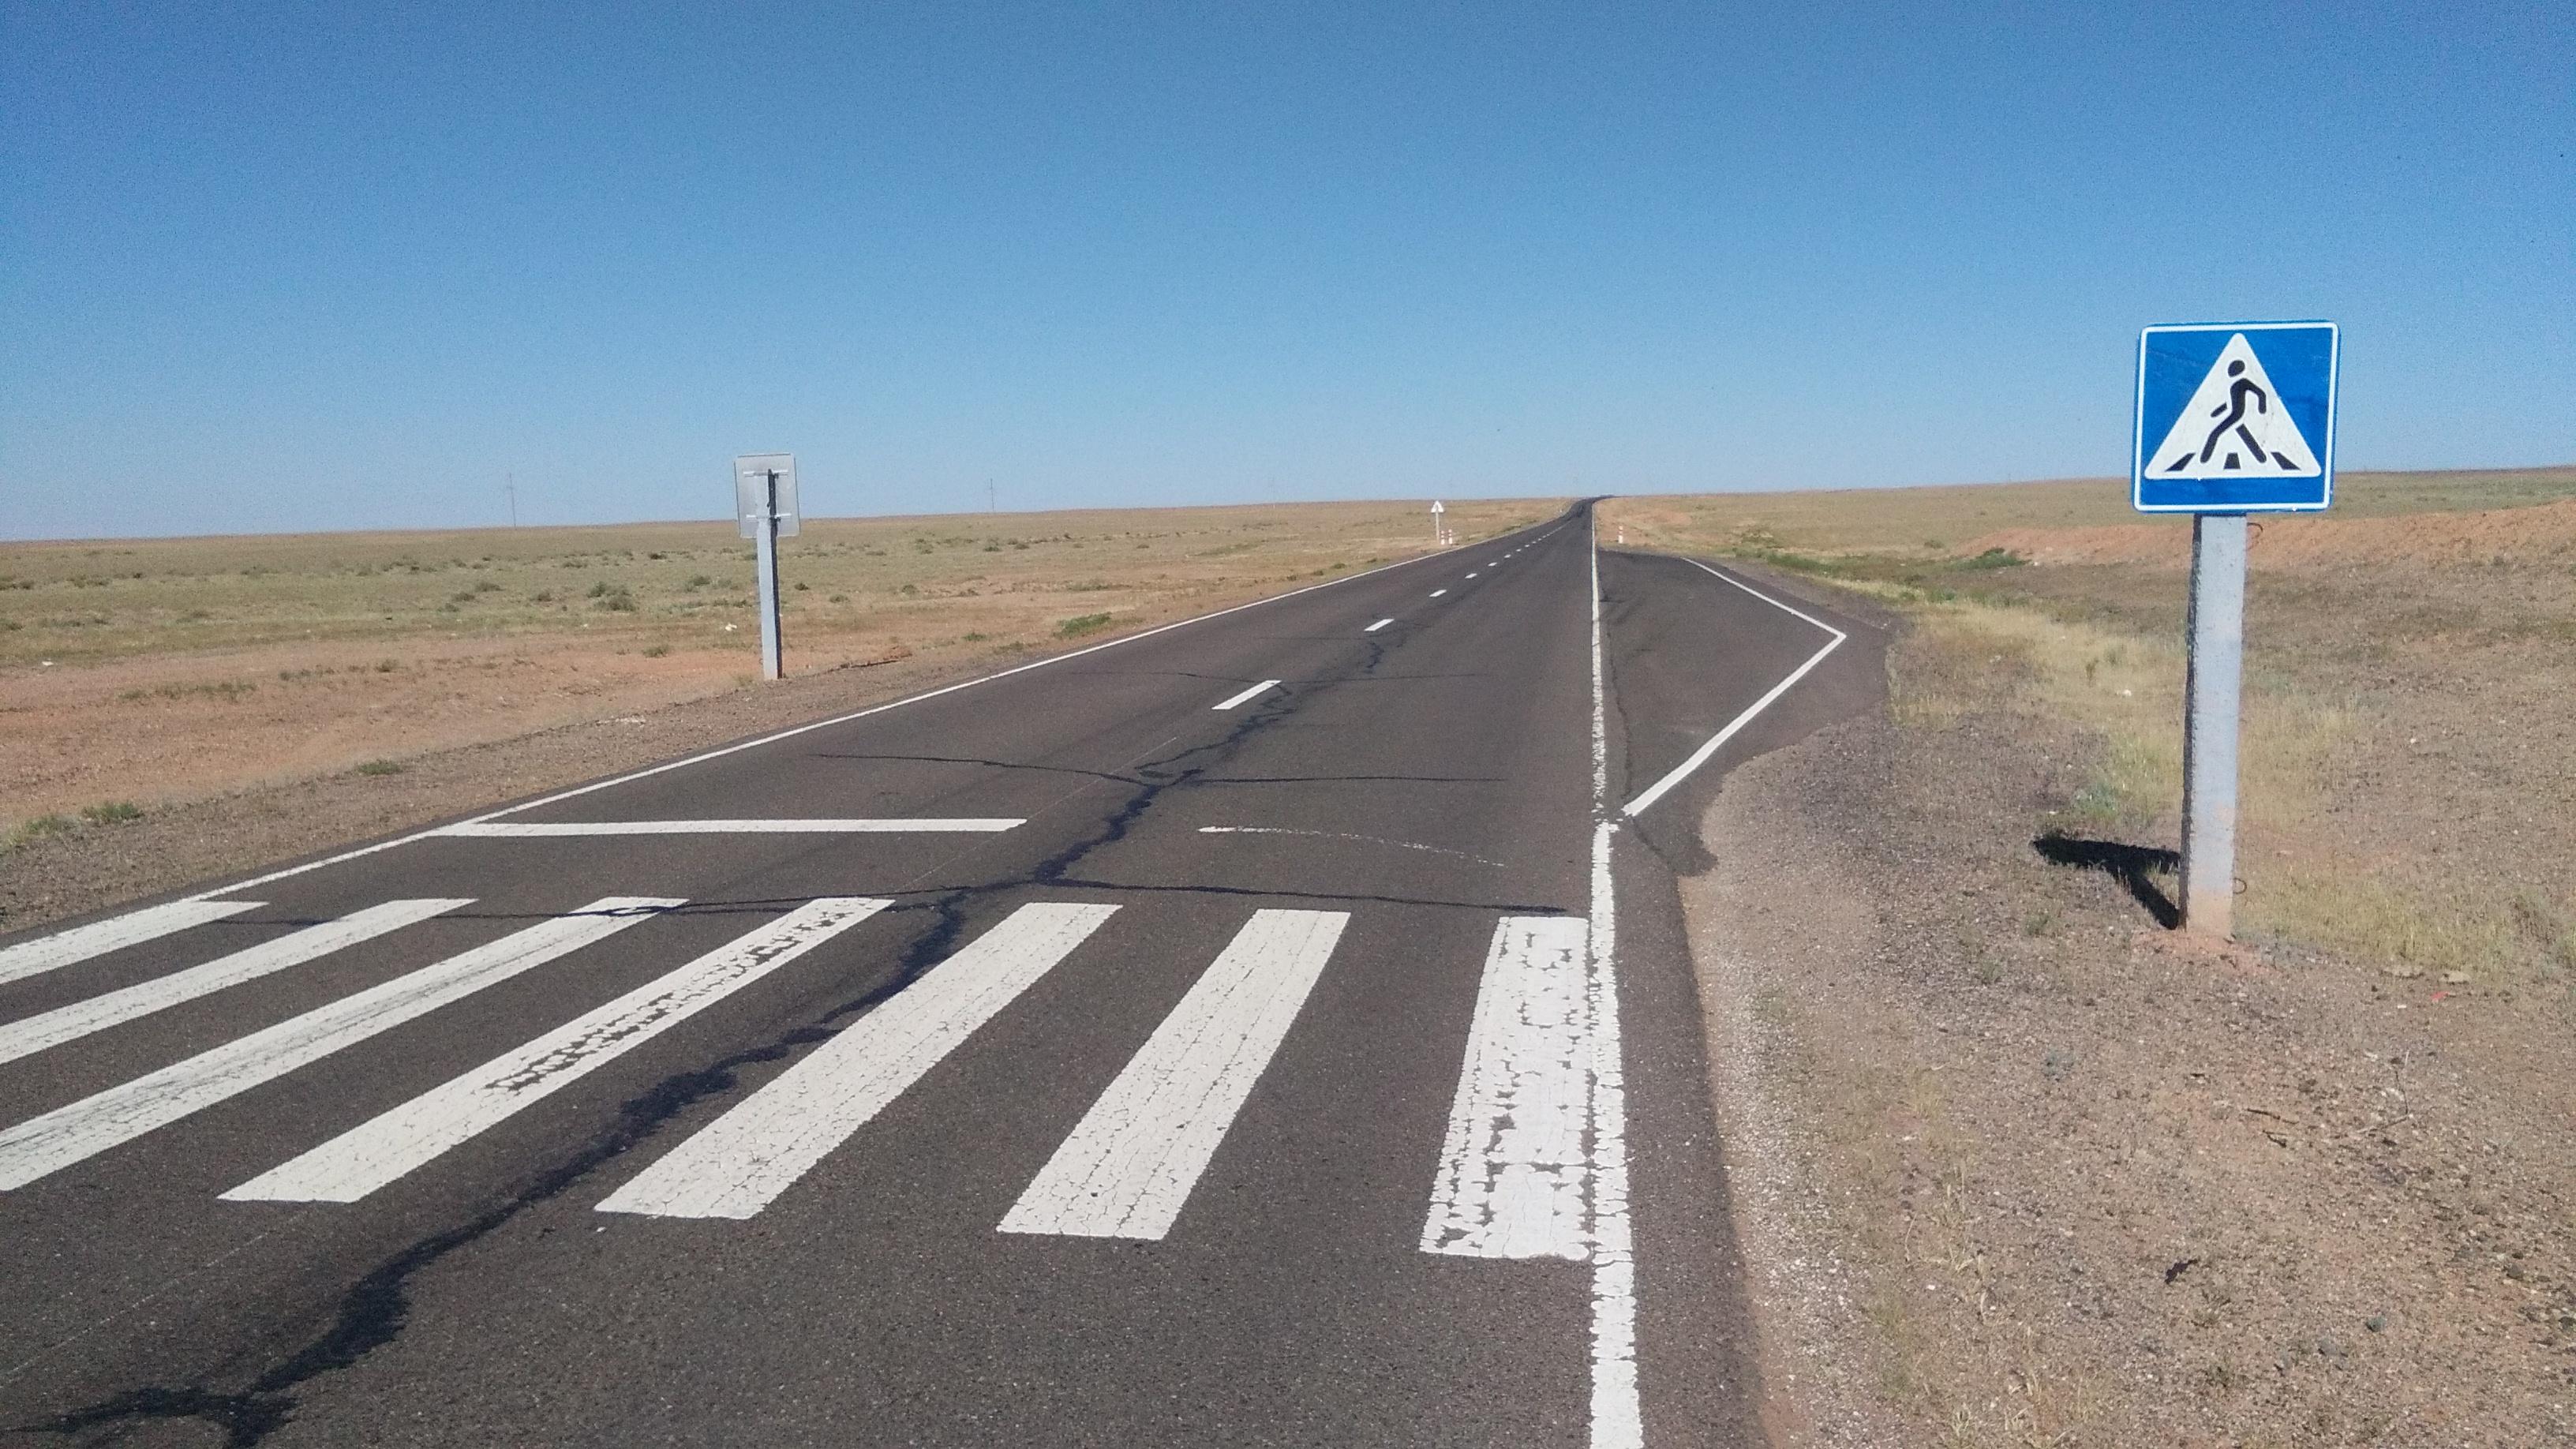 pedestrian crossing - Gobi desert